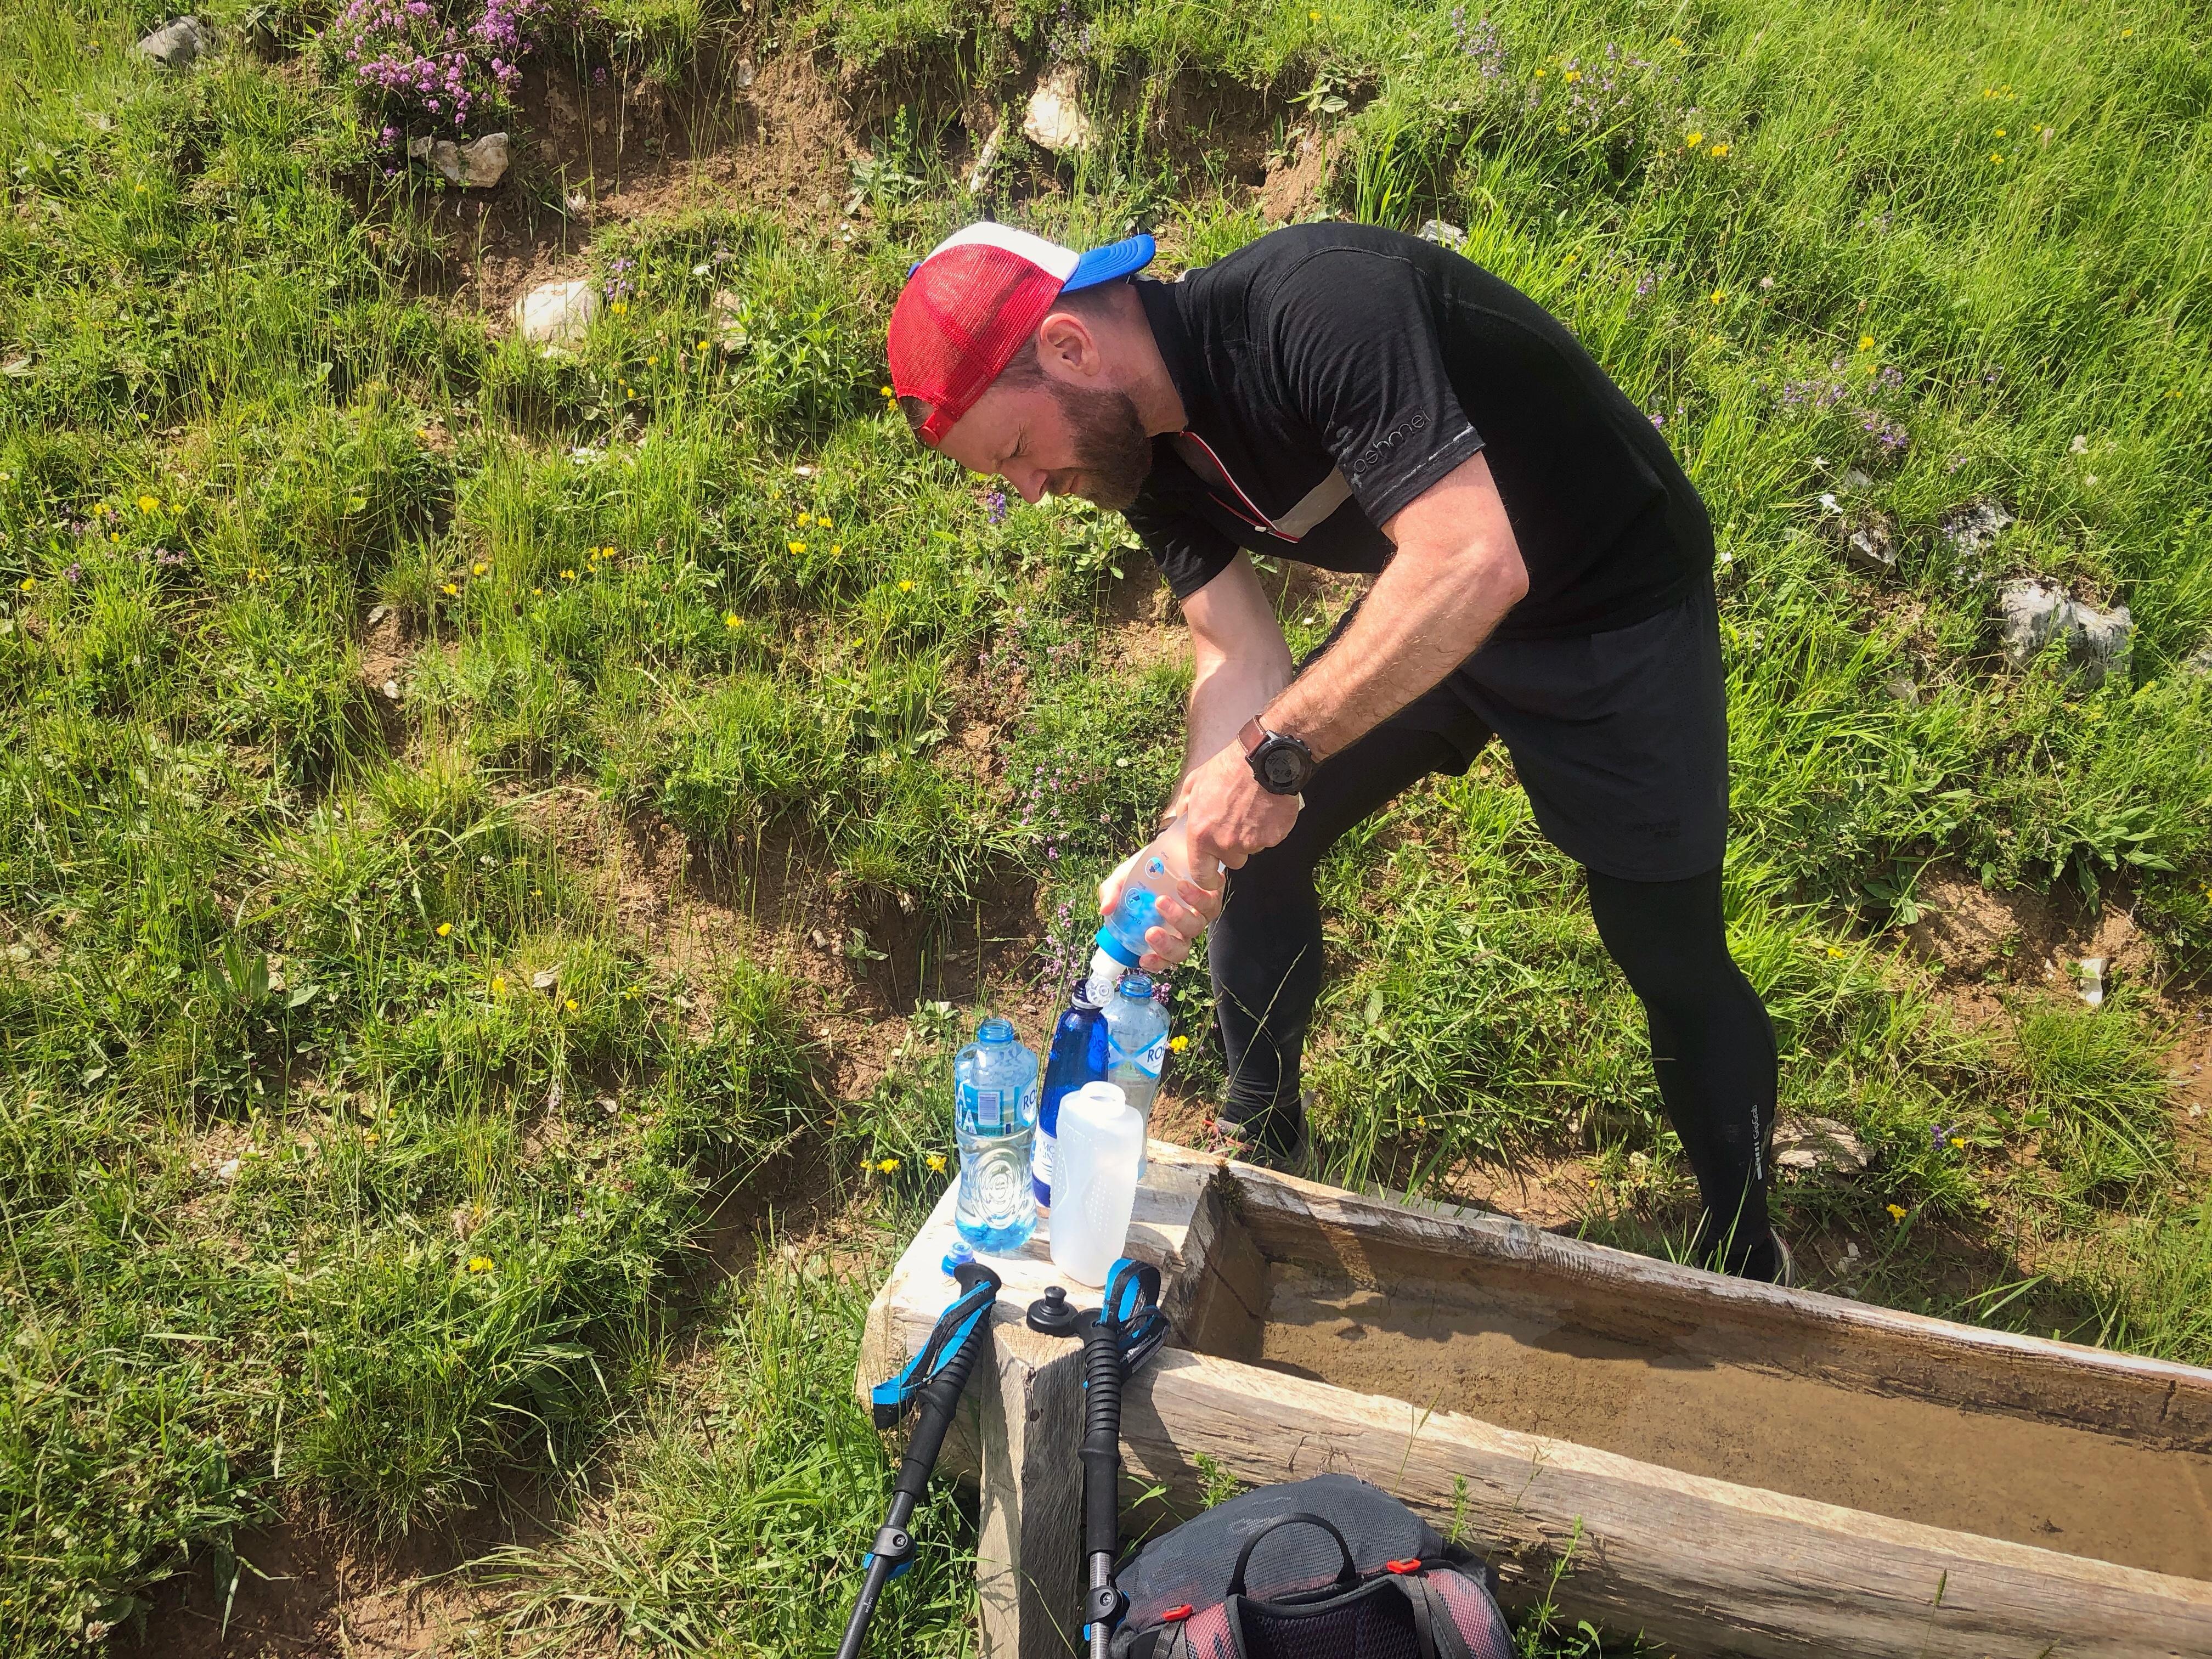 Med en flowrate på lige godt 1L/min var det ingen sag at fylde 4x1/2 liters flasker undervejs. En god forsikring mod dårlig mave når vandet tankes fra bjergbække i områder hvis der græsser får og køer.